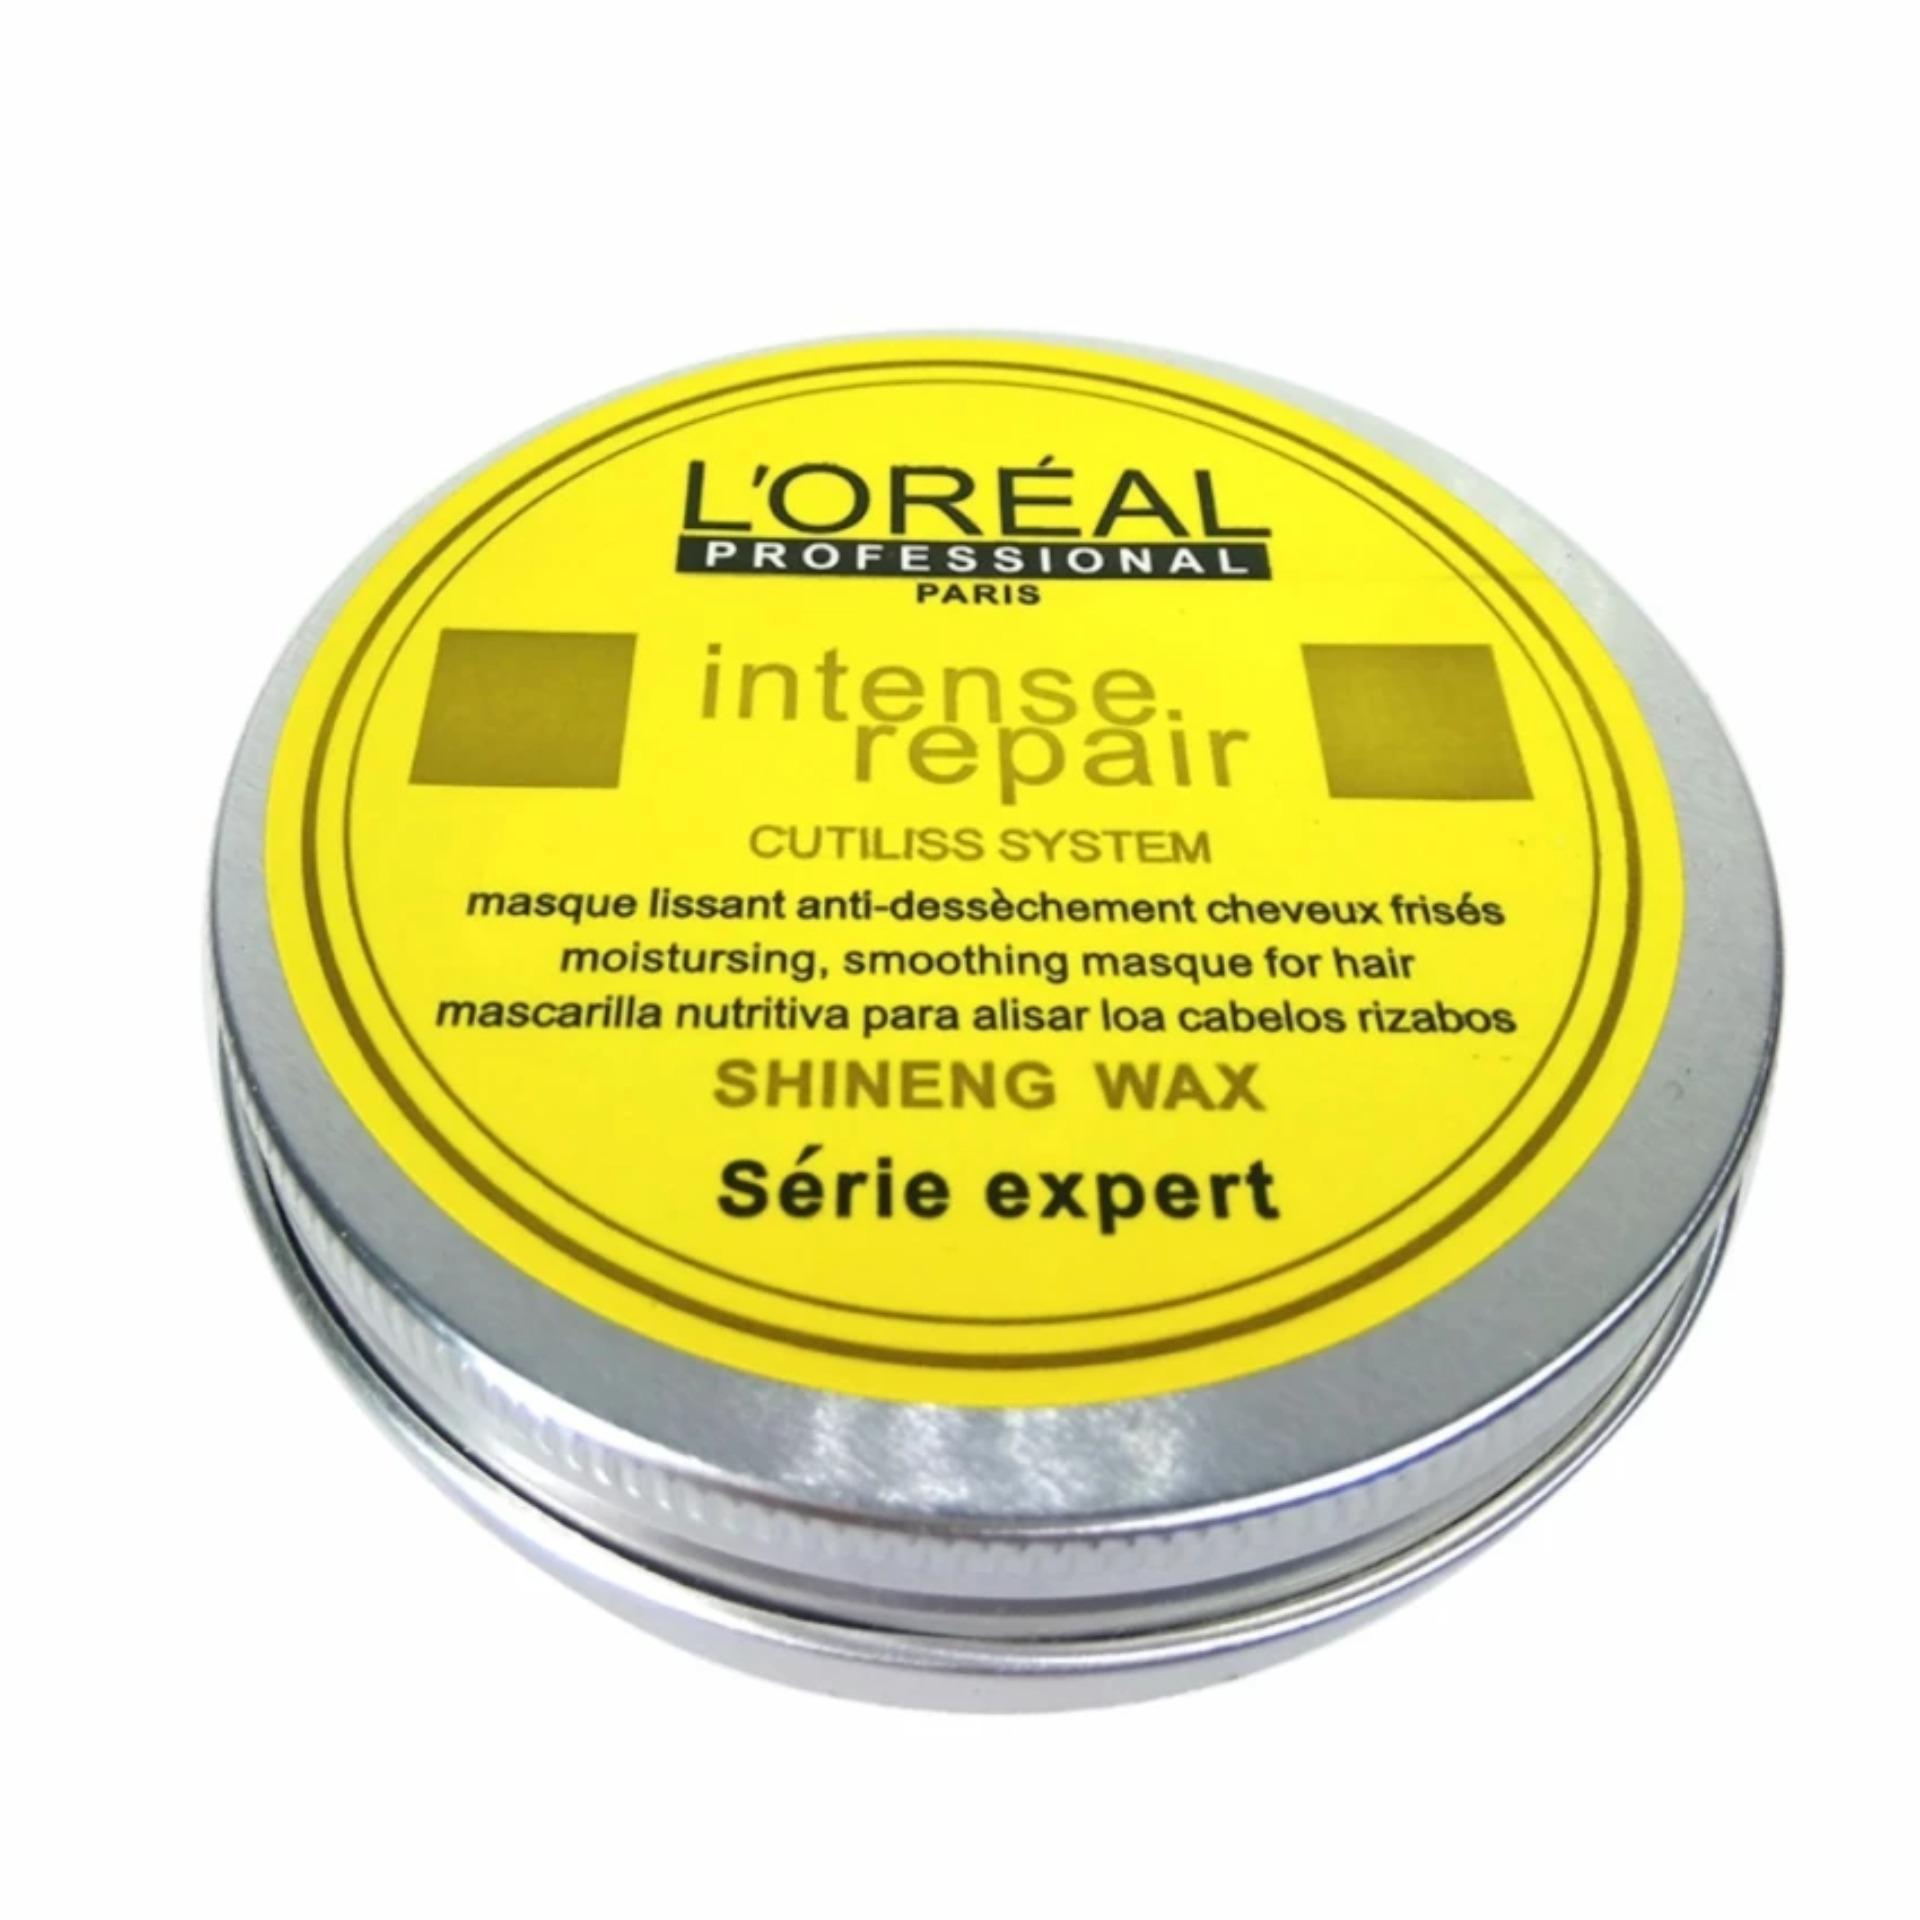 Cách mua Sáp vuốt tóc Loreal màu vàng chanh – chất sáp đục, giữ nếp chuẩn